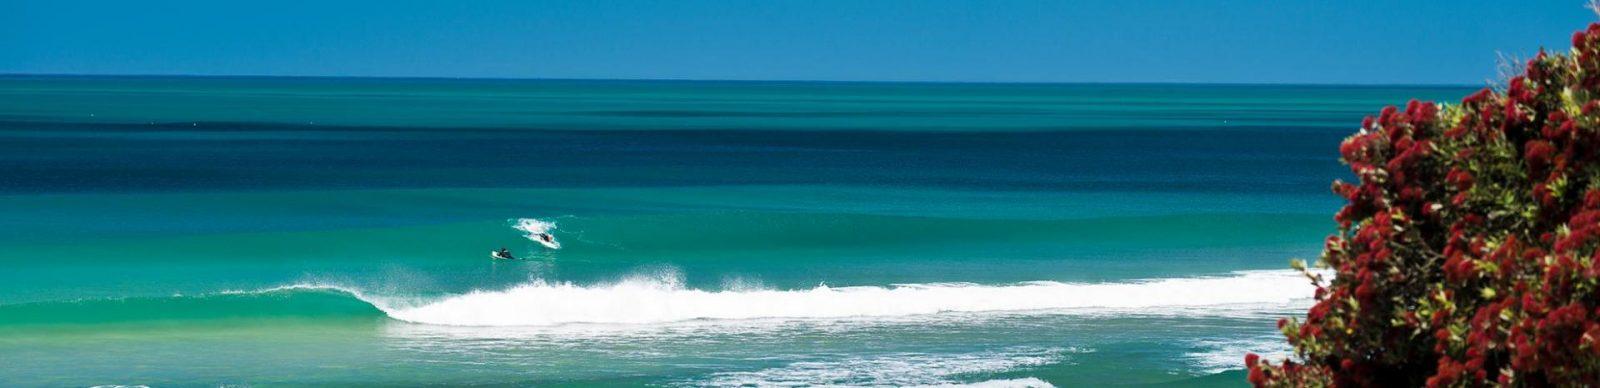 Surfing Mahia